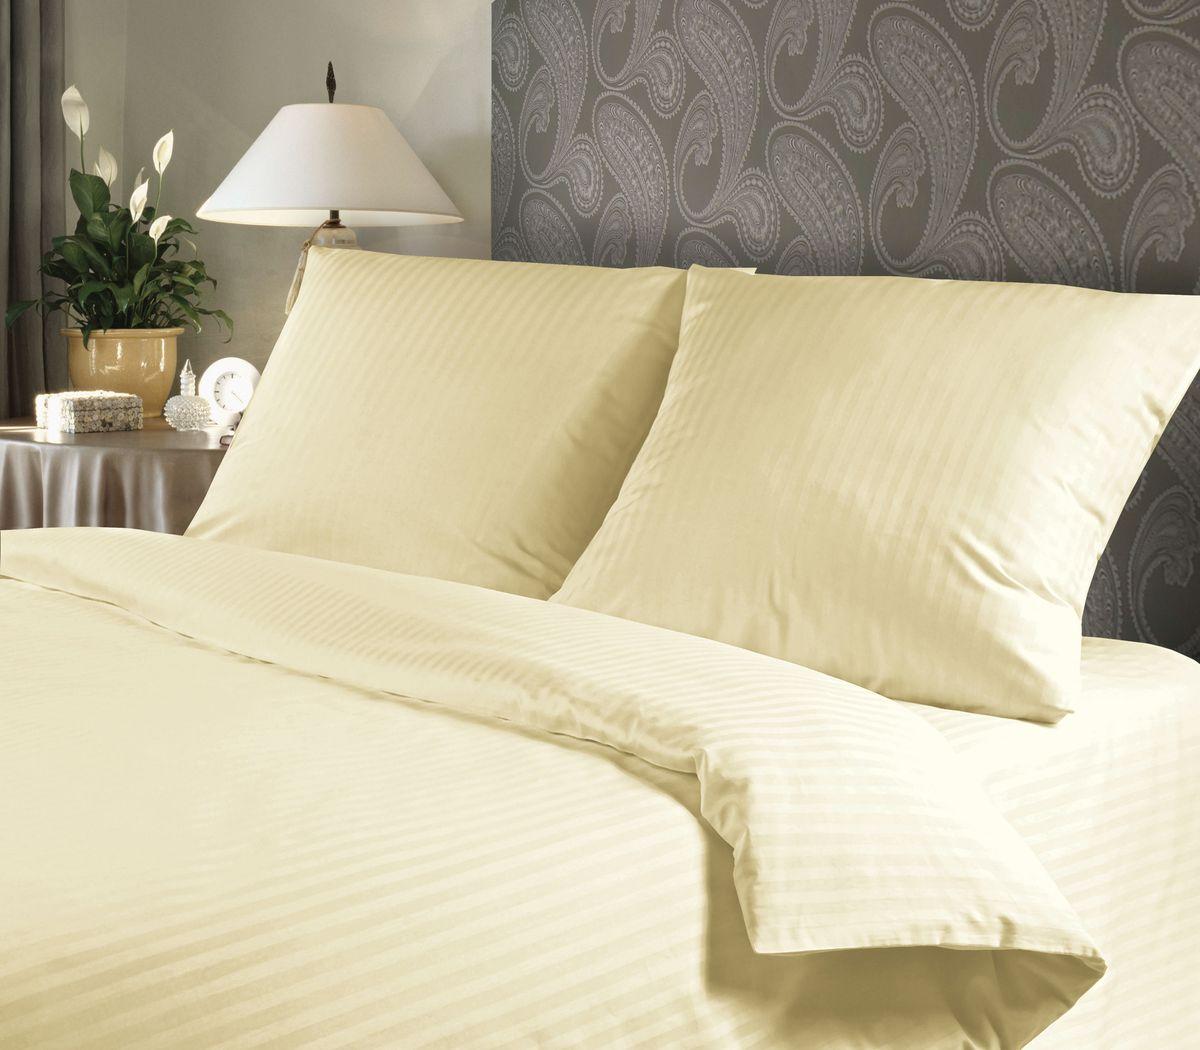 Комплект белья Verossa Amber, 1,5-спальный, наволочки 50х70SC-FD421004Комплект постельного белья включает в себя четыре предмета: простыню, пододеяльник и две наволочки, выполненные из страйп-сатина.Страйп-сатин - одна из разновидностей жаккардового сатина. Это ткань, плетение которой представляет собой чередующиеся полосы, отсюда и название материала: в переводе с английского stripe и есть полоска. Размер пододеяльника: 148 x 215 см.Размер простыни: 180 x 215 см.Размер наволочек: 50 x 70 см.